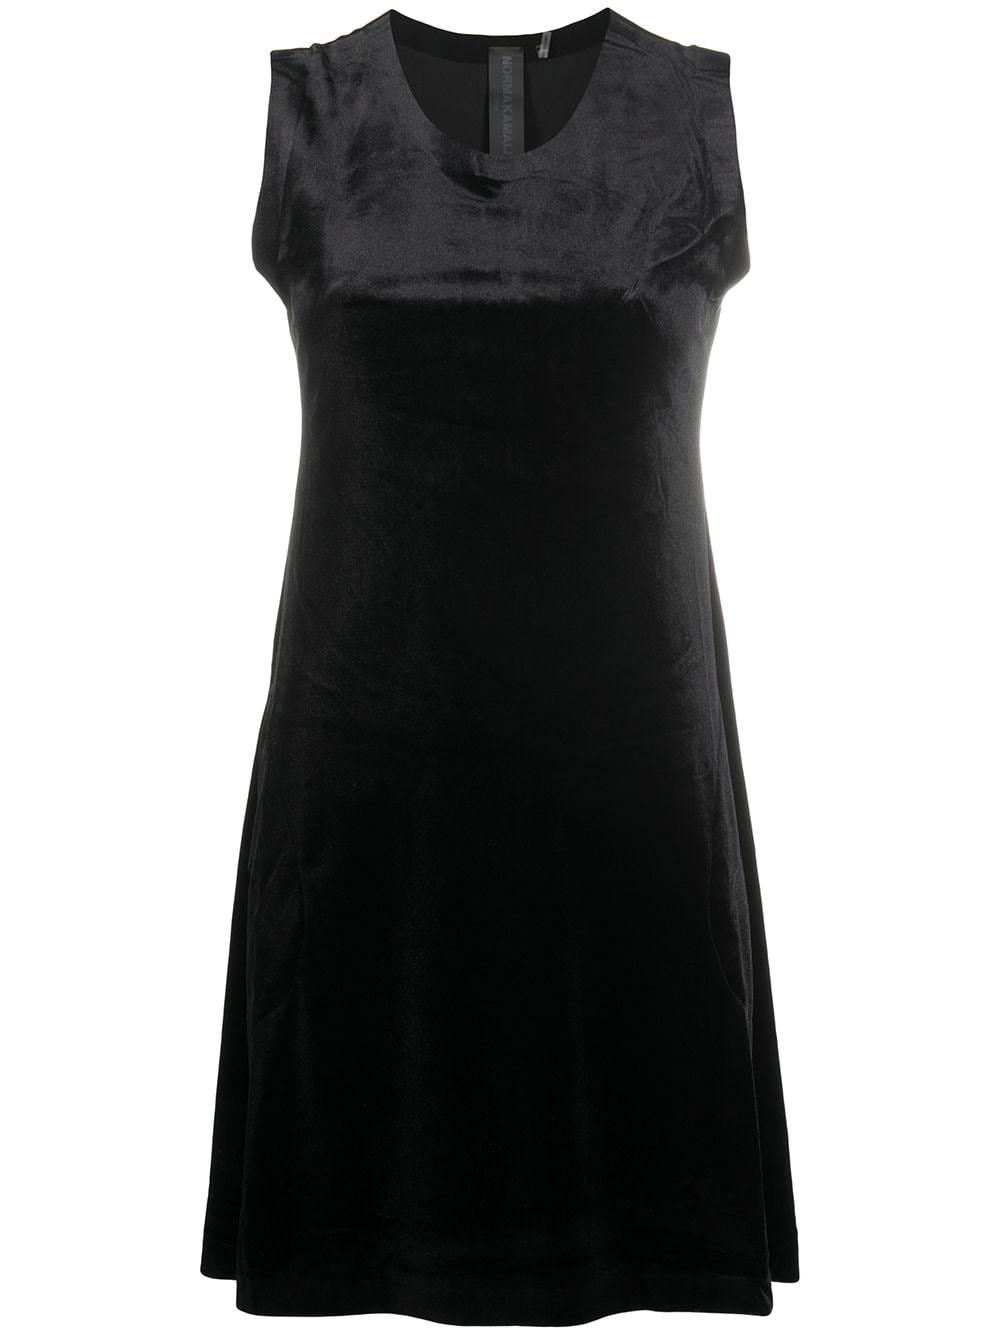 NORMA KAMALI Sleeveless Mini Dress